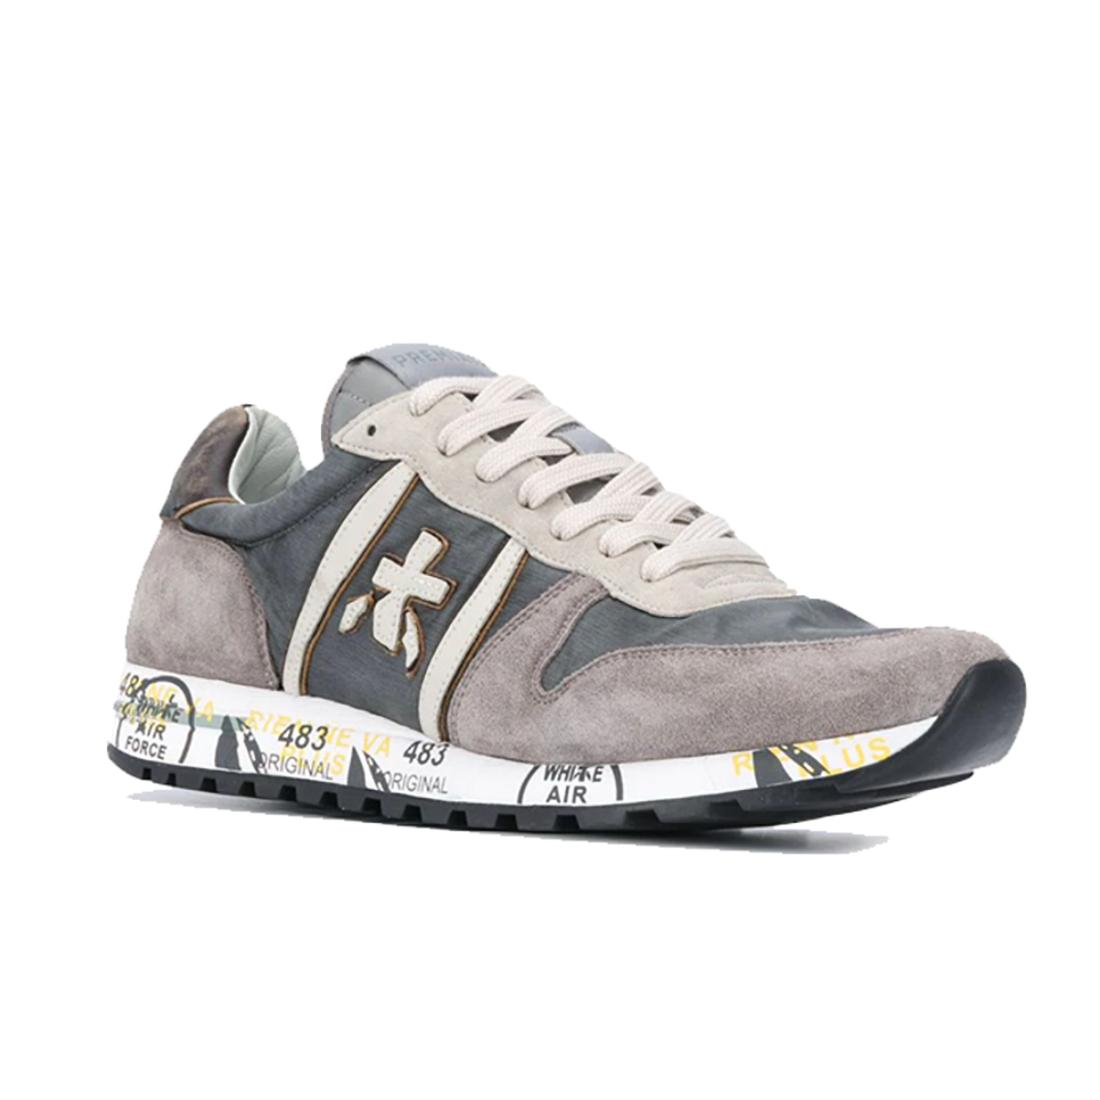 sneakers herren premiata eric5026 9034